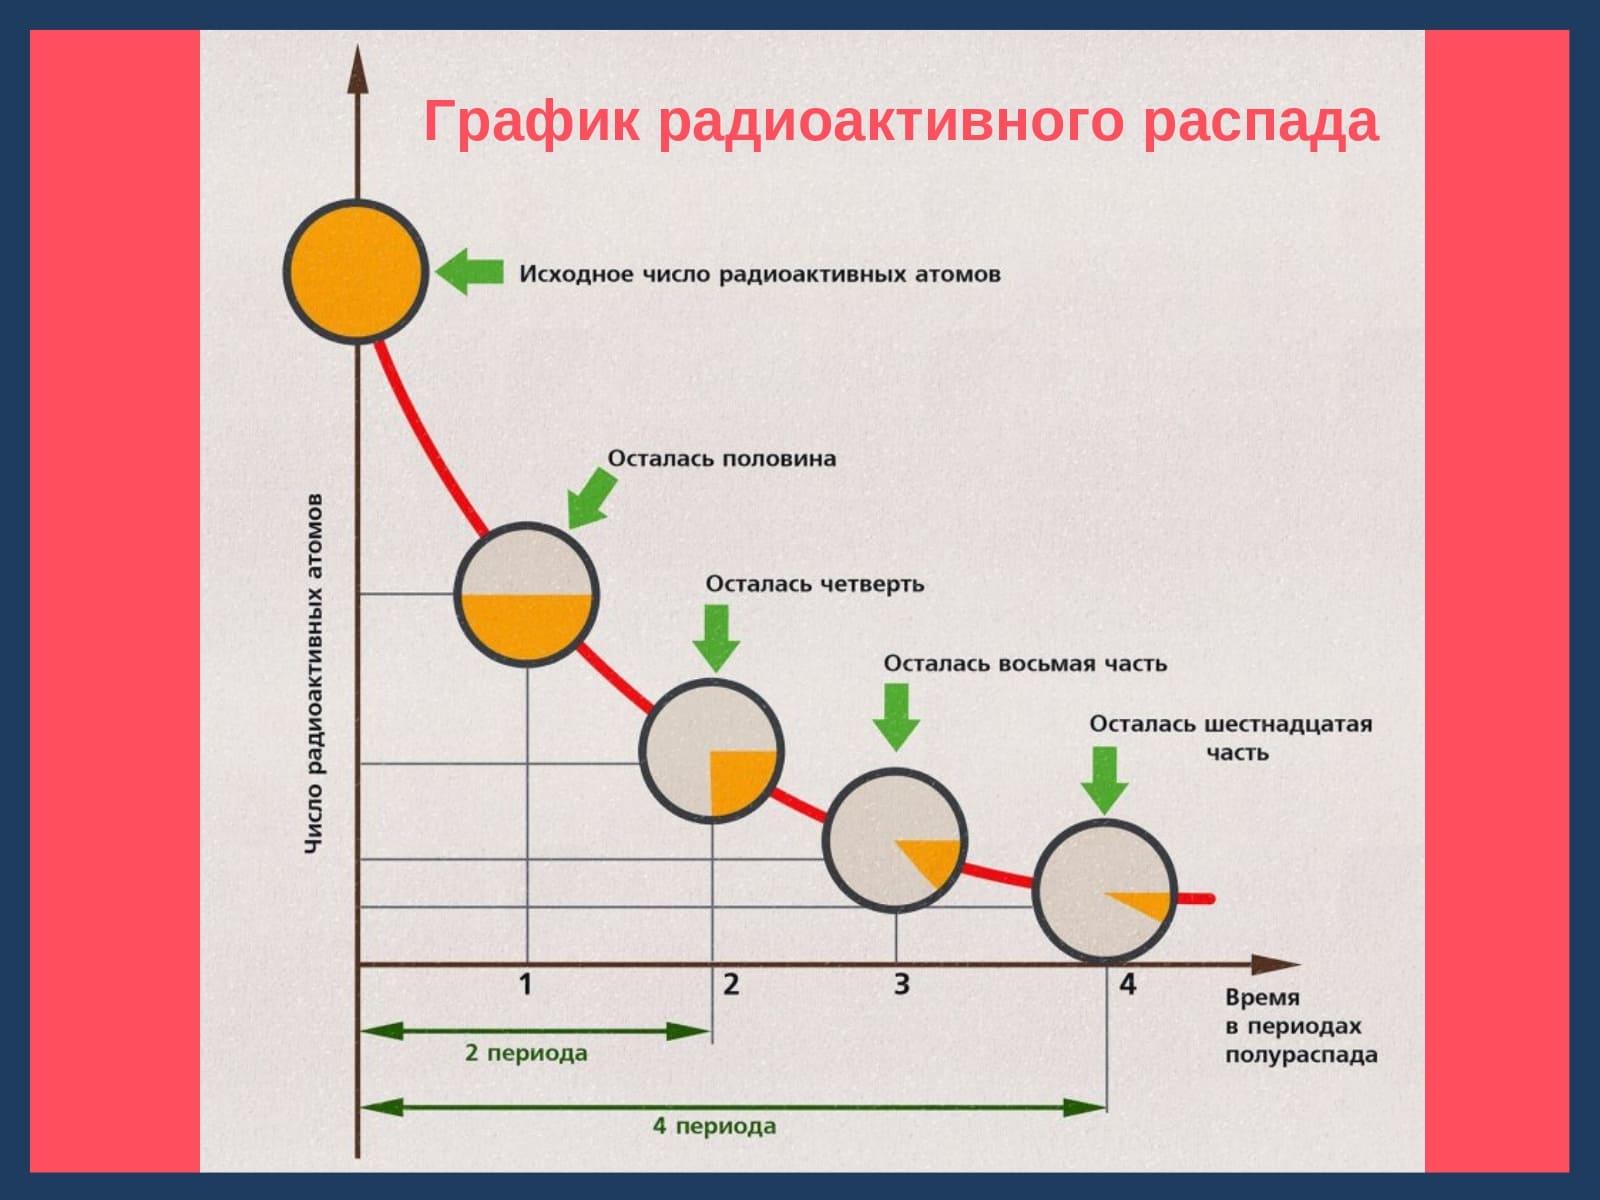 график радиоактивного распада